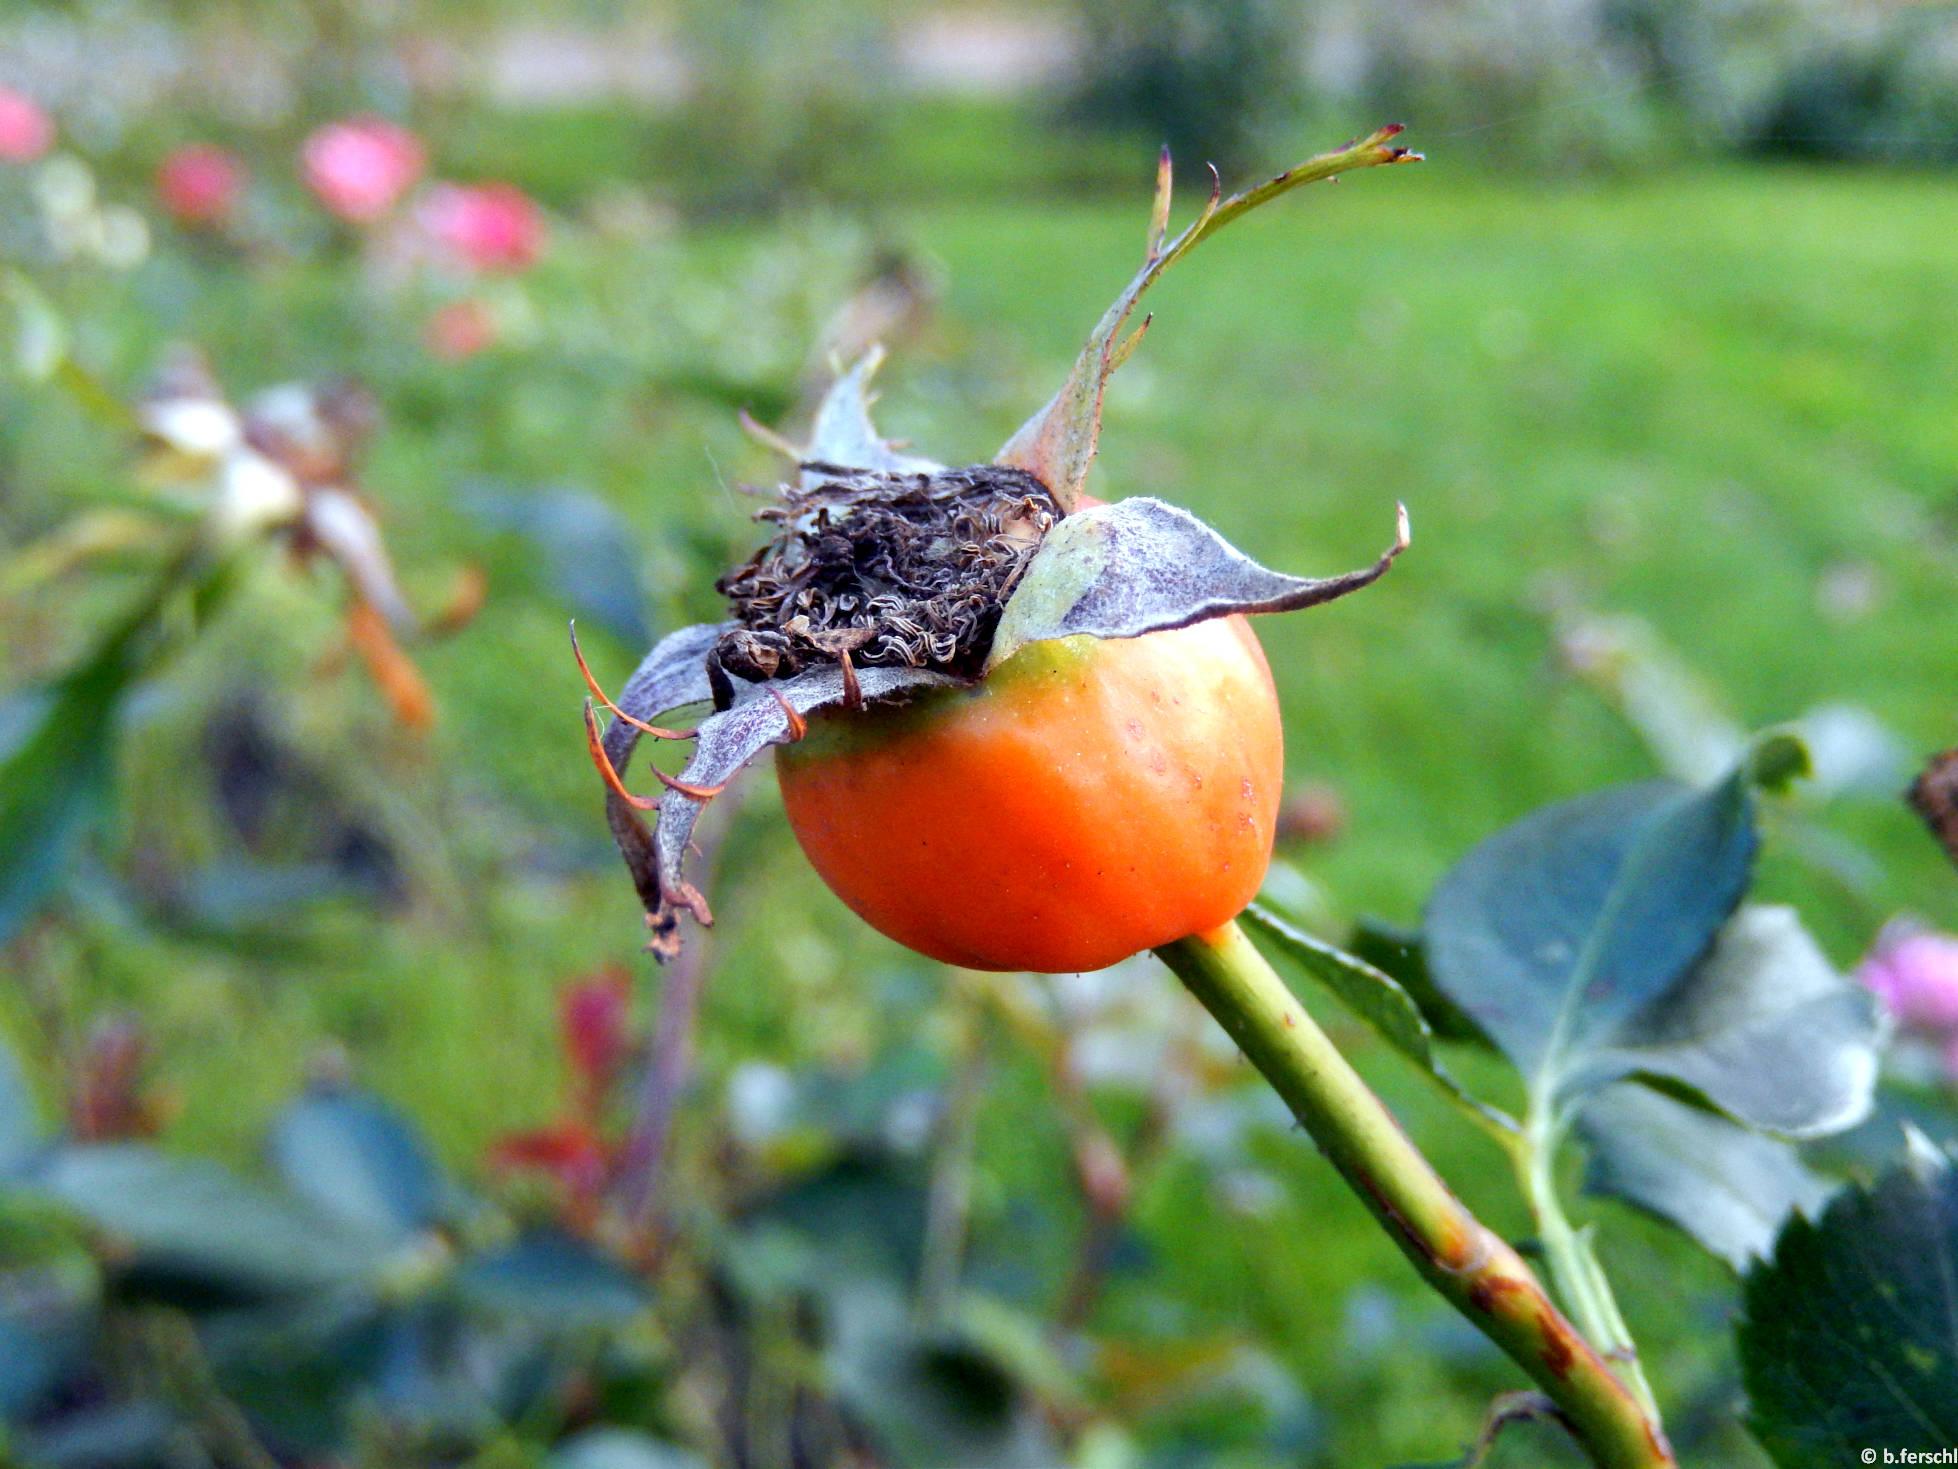 Szent Gellért emléke floribunda rózsa